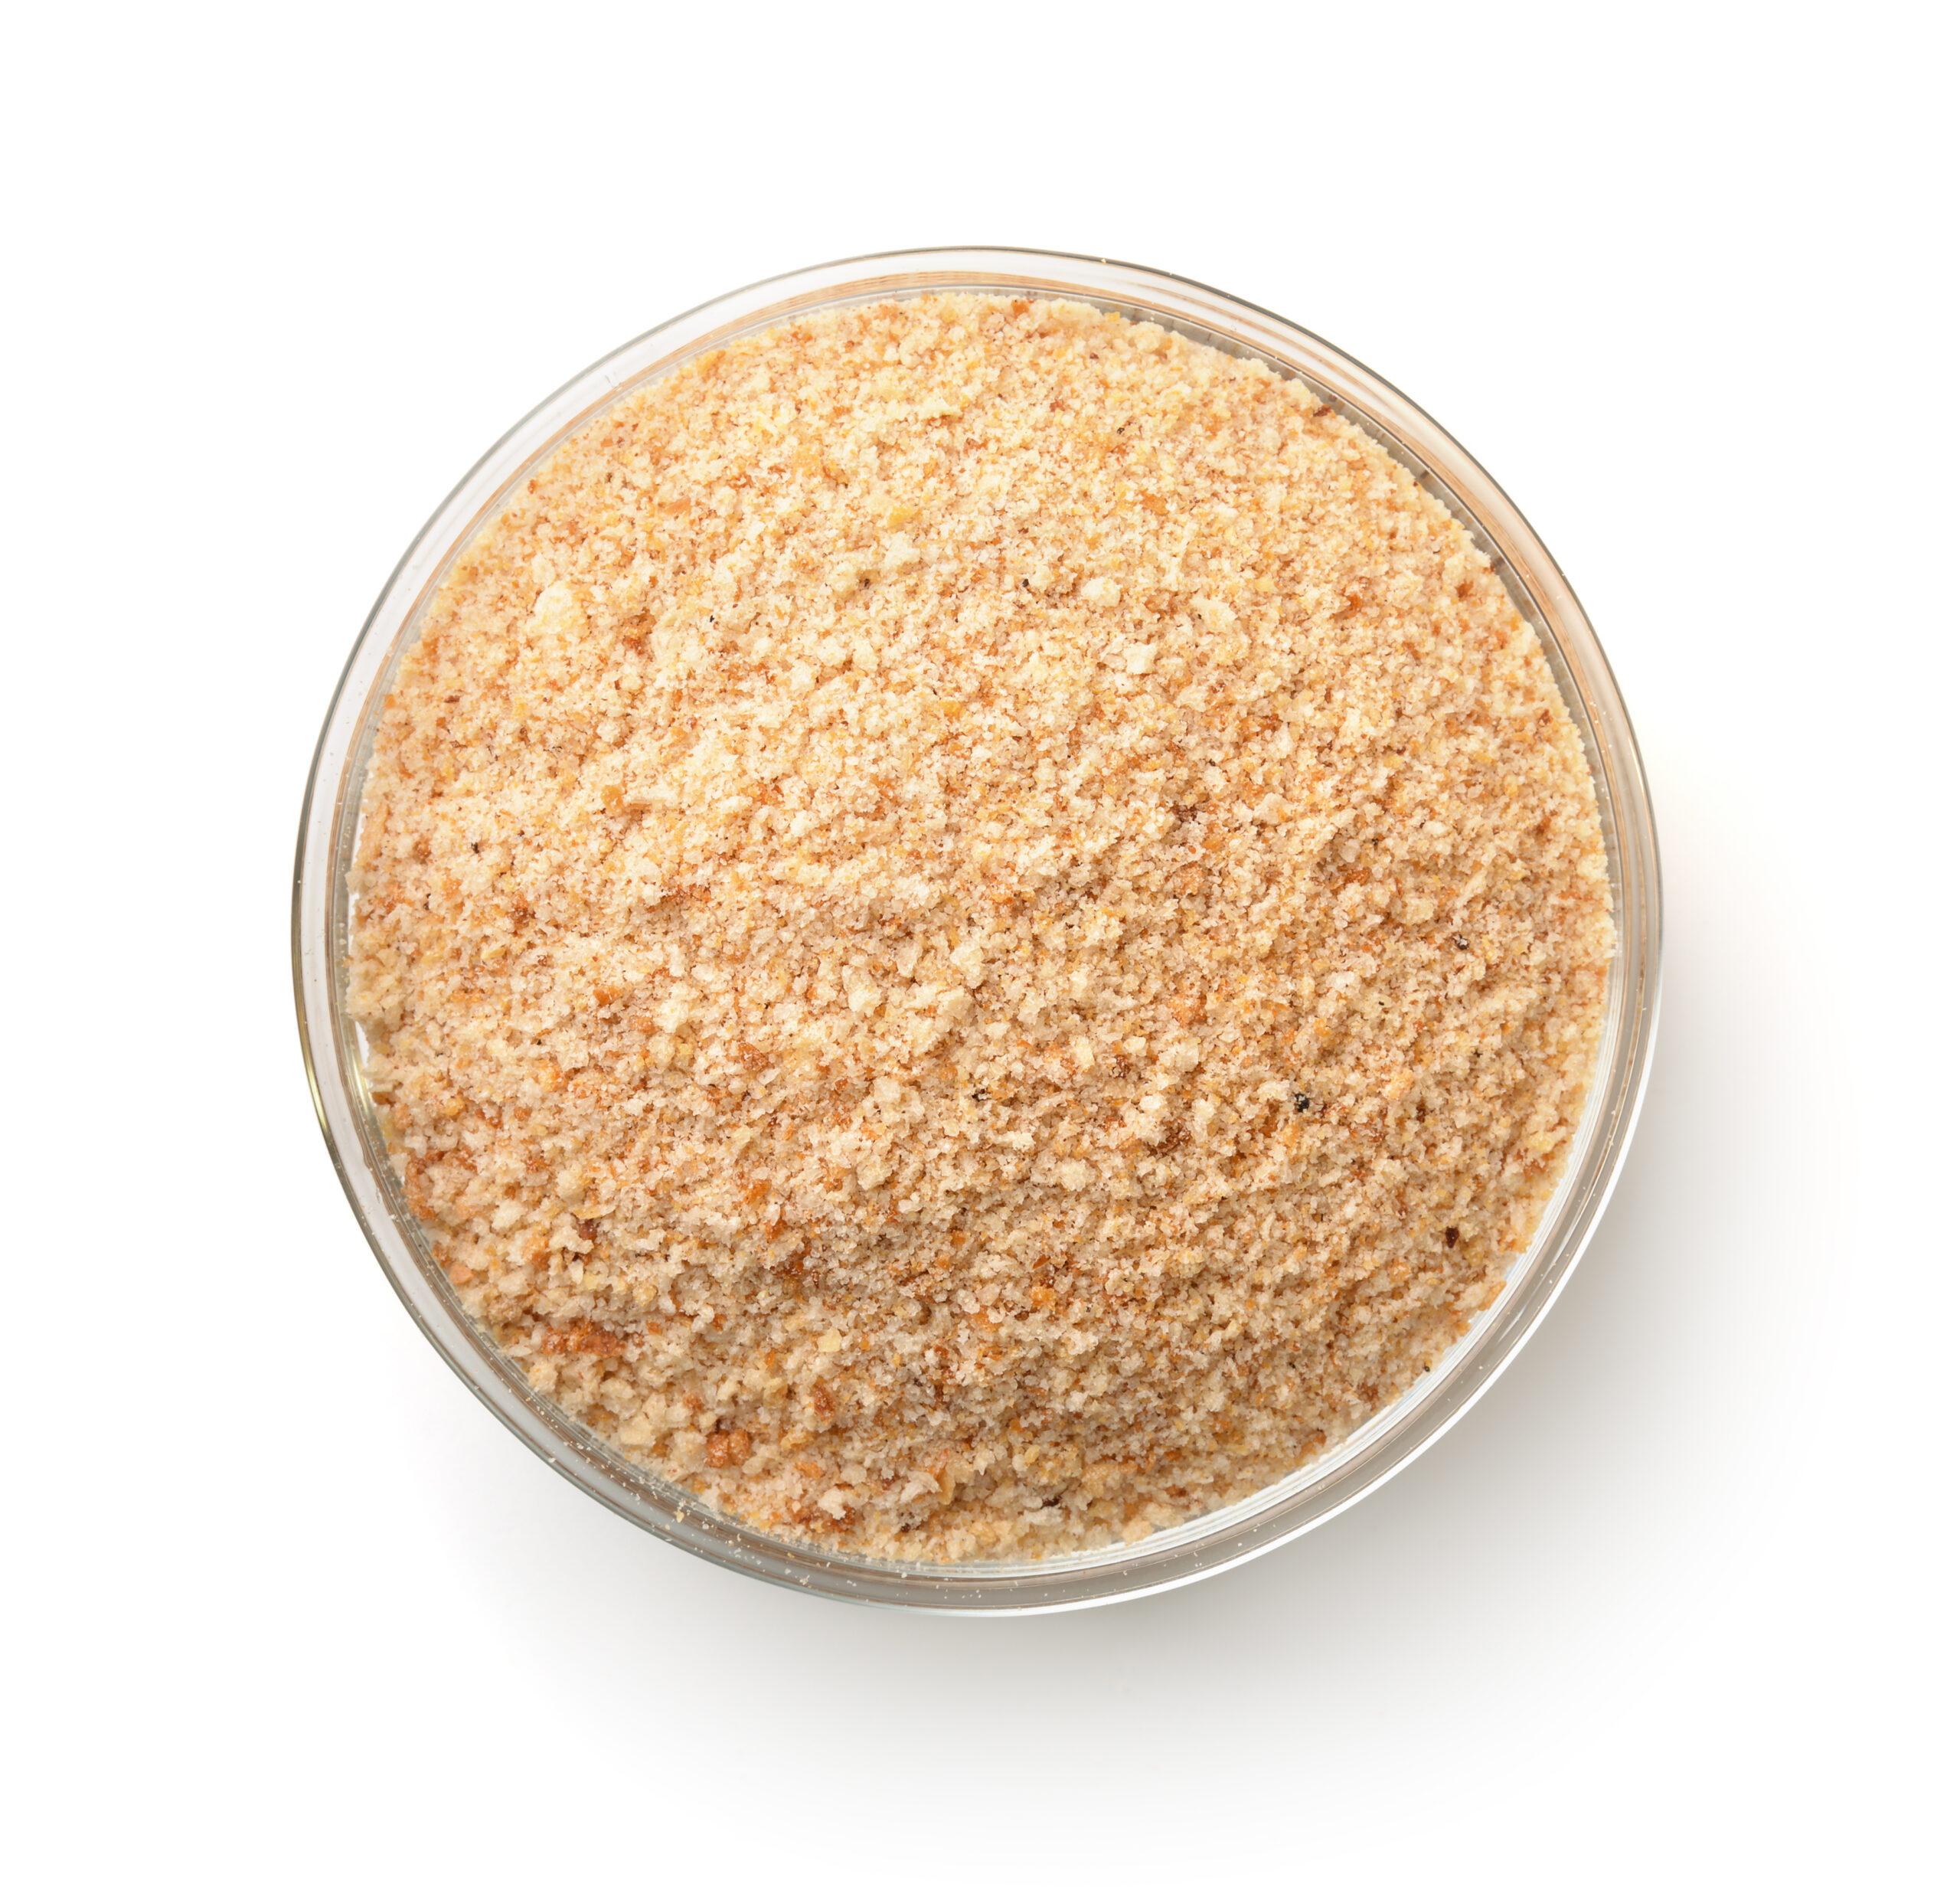 Almond Cracker Crumbs